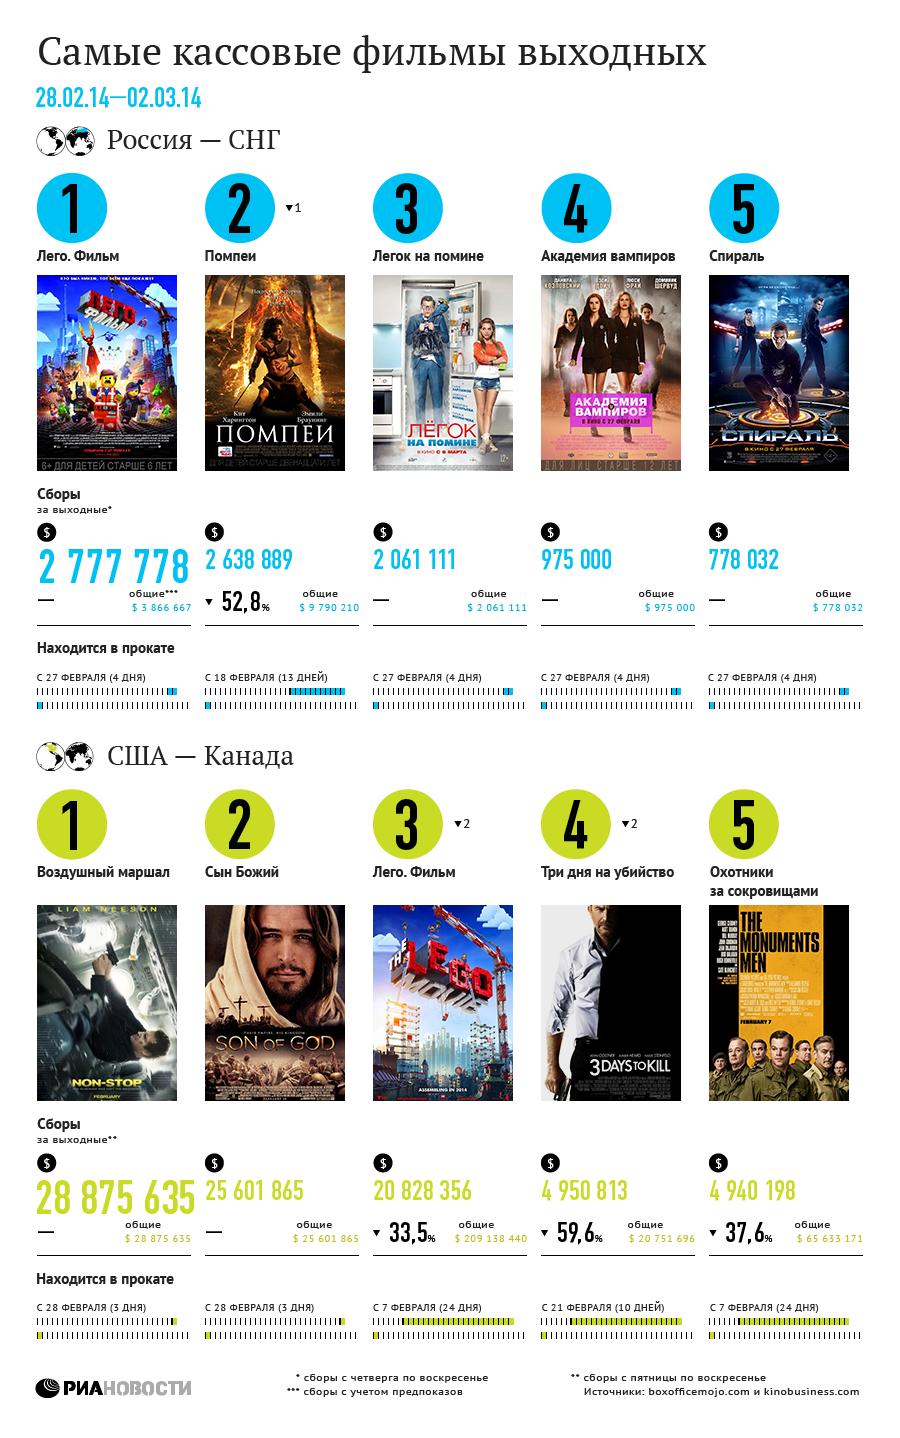 Самые кассовые фильмы выходных